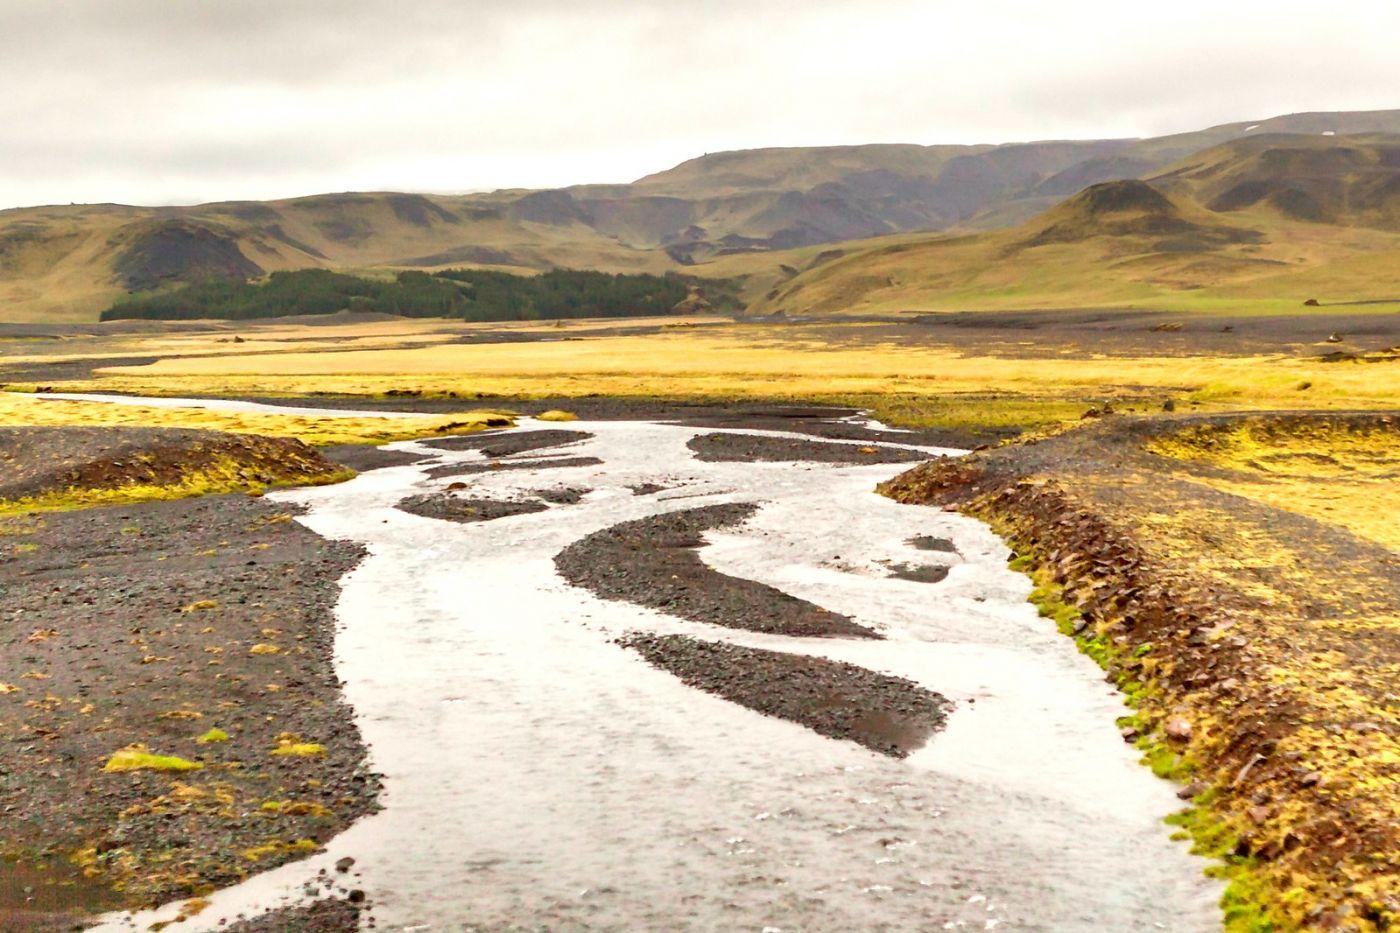 冰岛风采,奇山怪石_图1-28